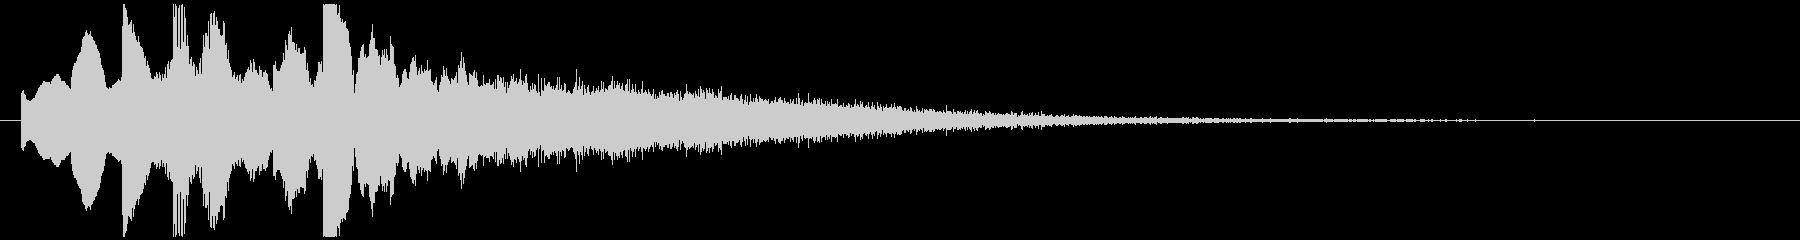 起動音 シンプル クール システムオン4の未再生の波形